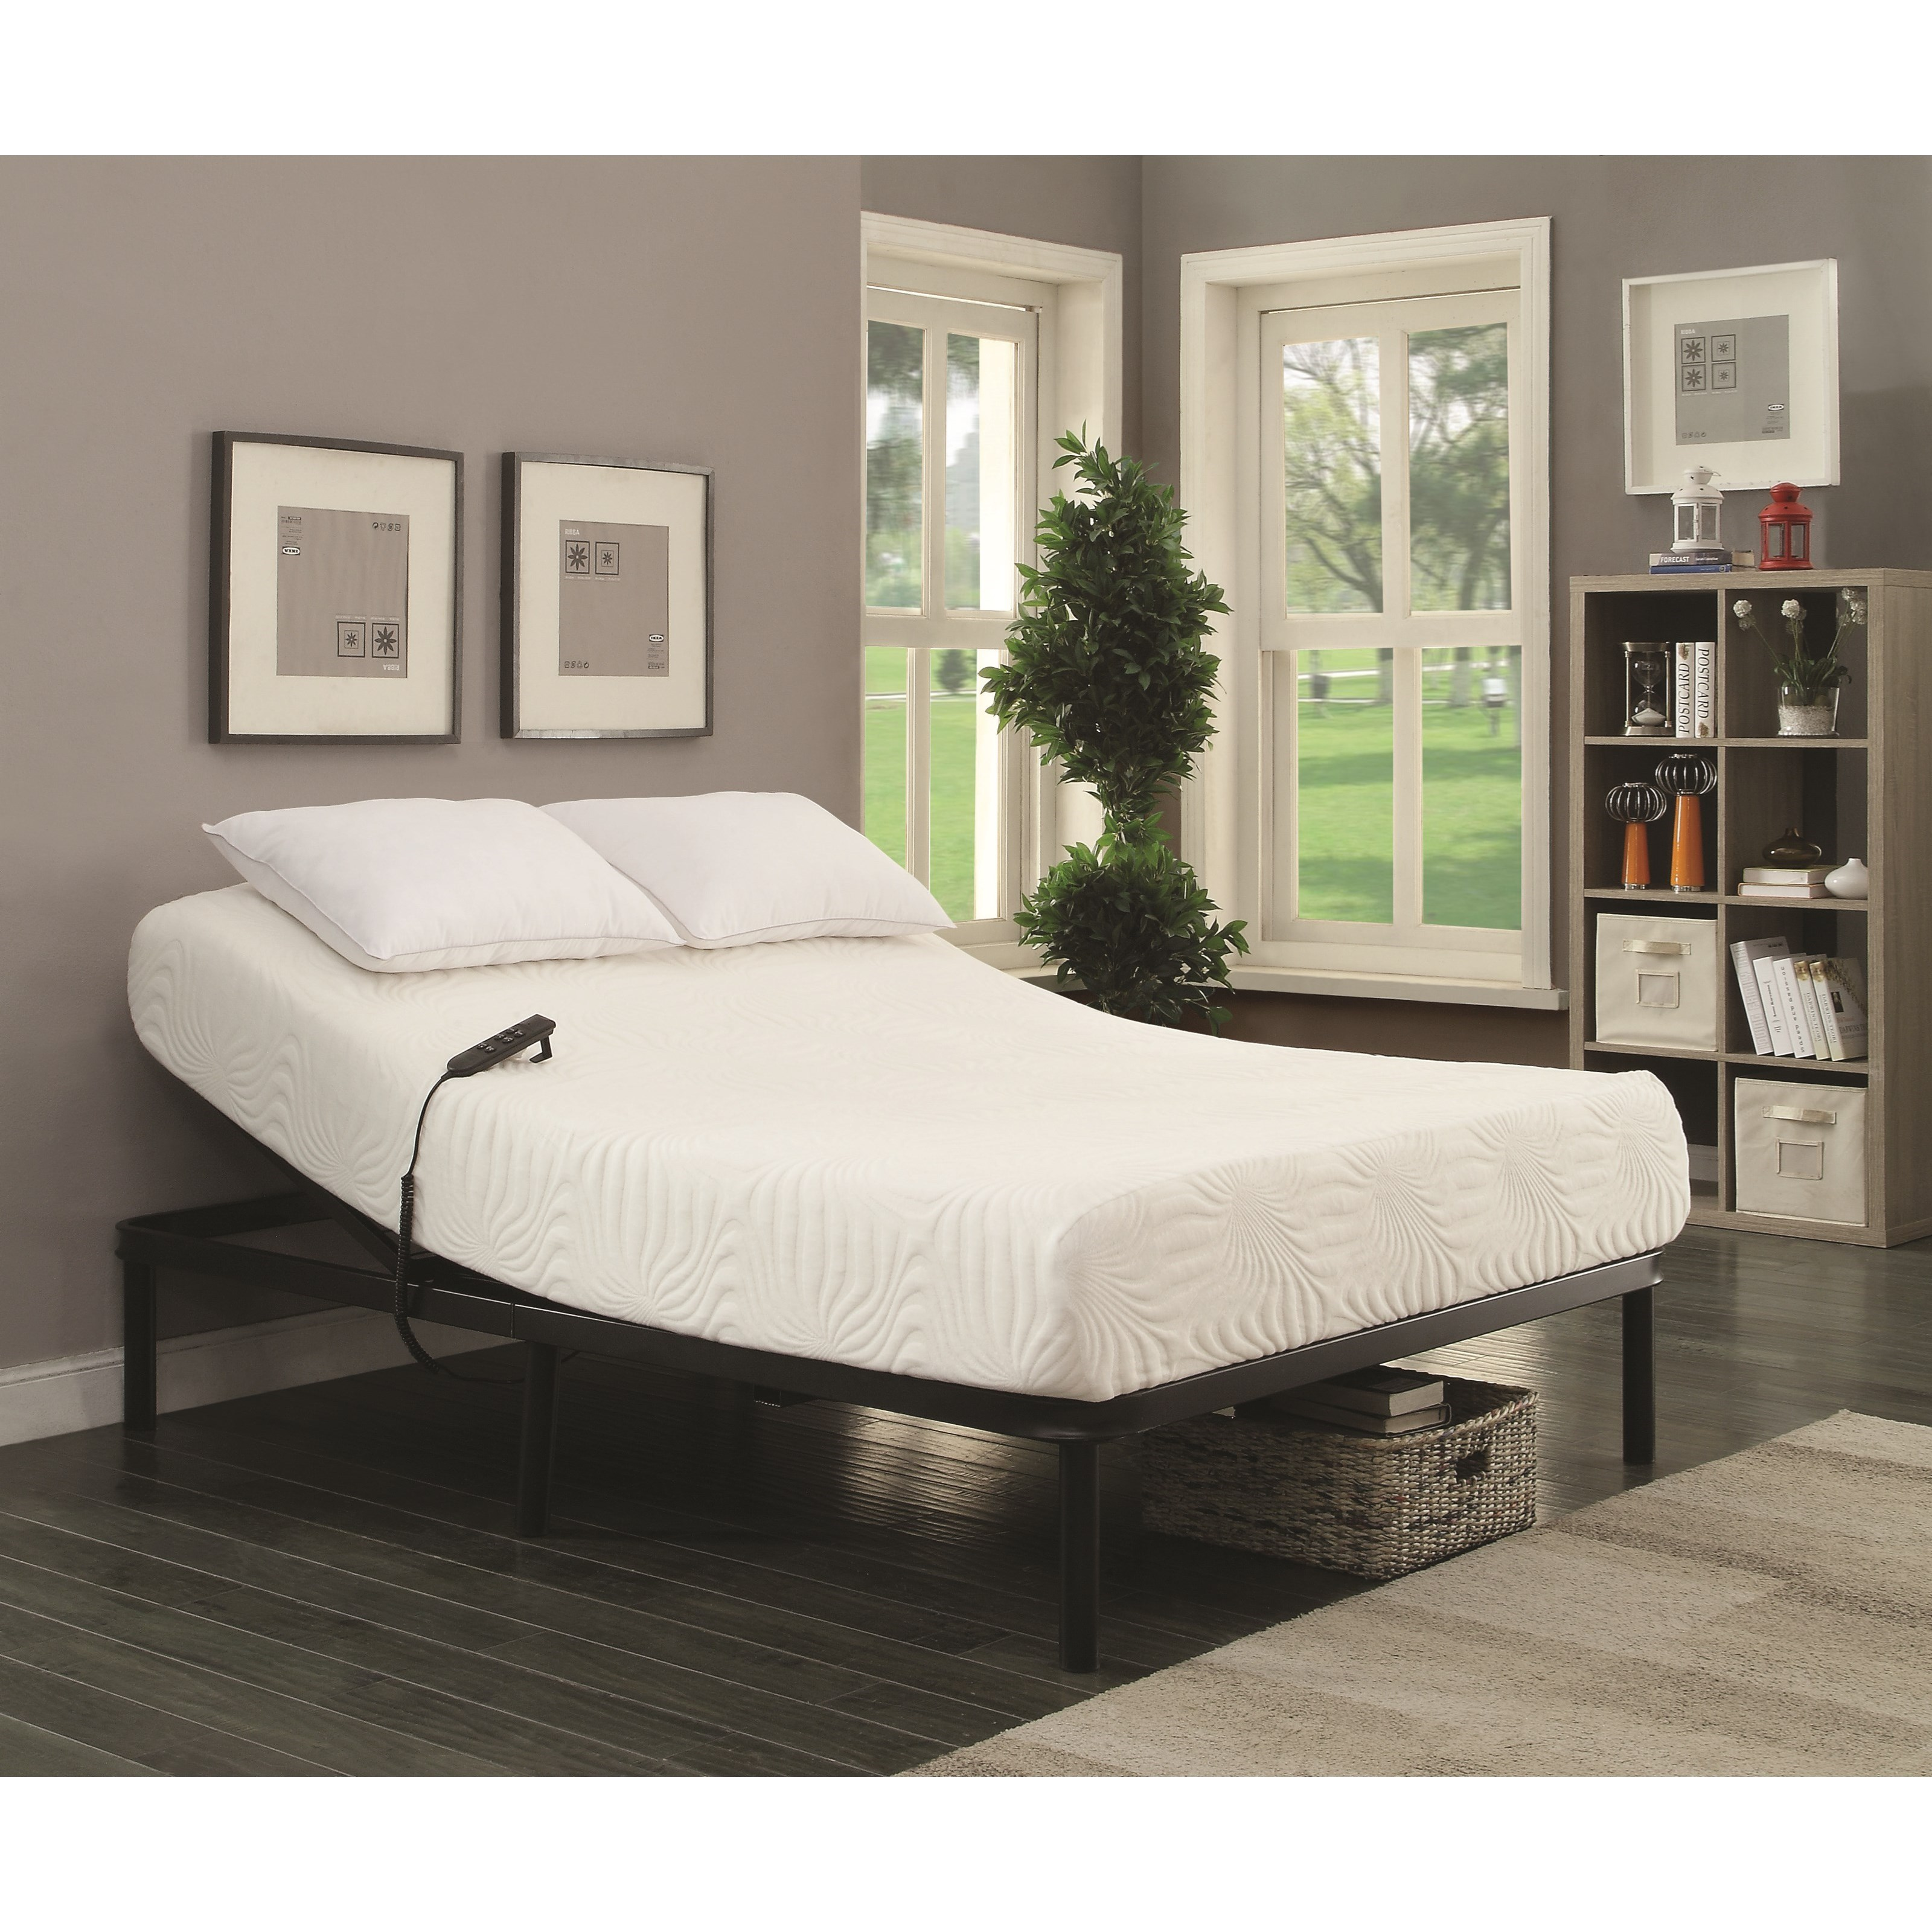 coaster stanhope adjustable bed base 350044tl twin extra long electric adjustable bed base del. Black Bedroom Furniture Sets. Home Design Ideas